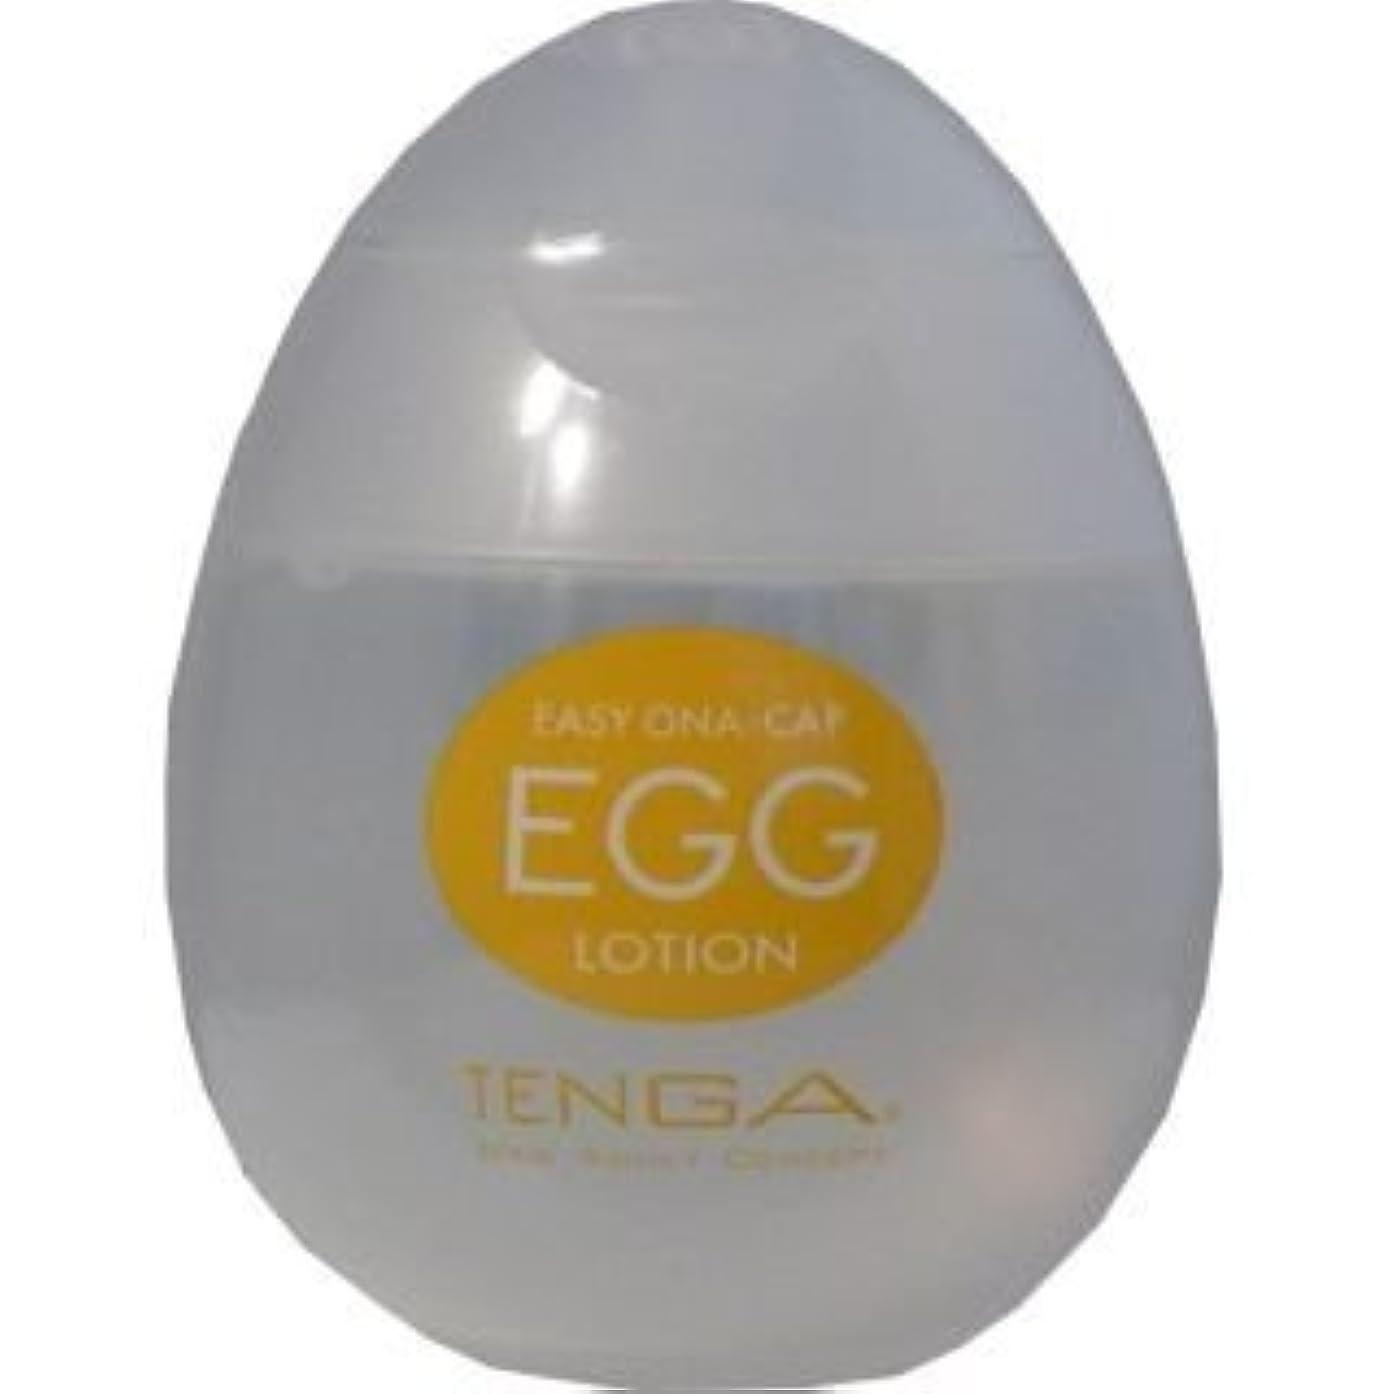 脱走脈拍ほとんどの場合保湿成分配合で潤い長持ち!TENGA(テンガ) EGG LOTION(エッグローション) EGGL-001【4個セット】